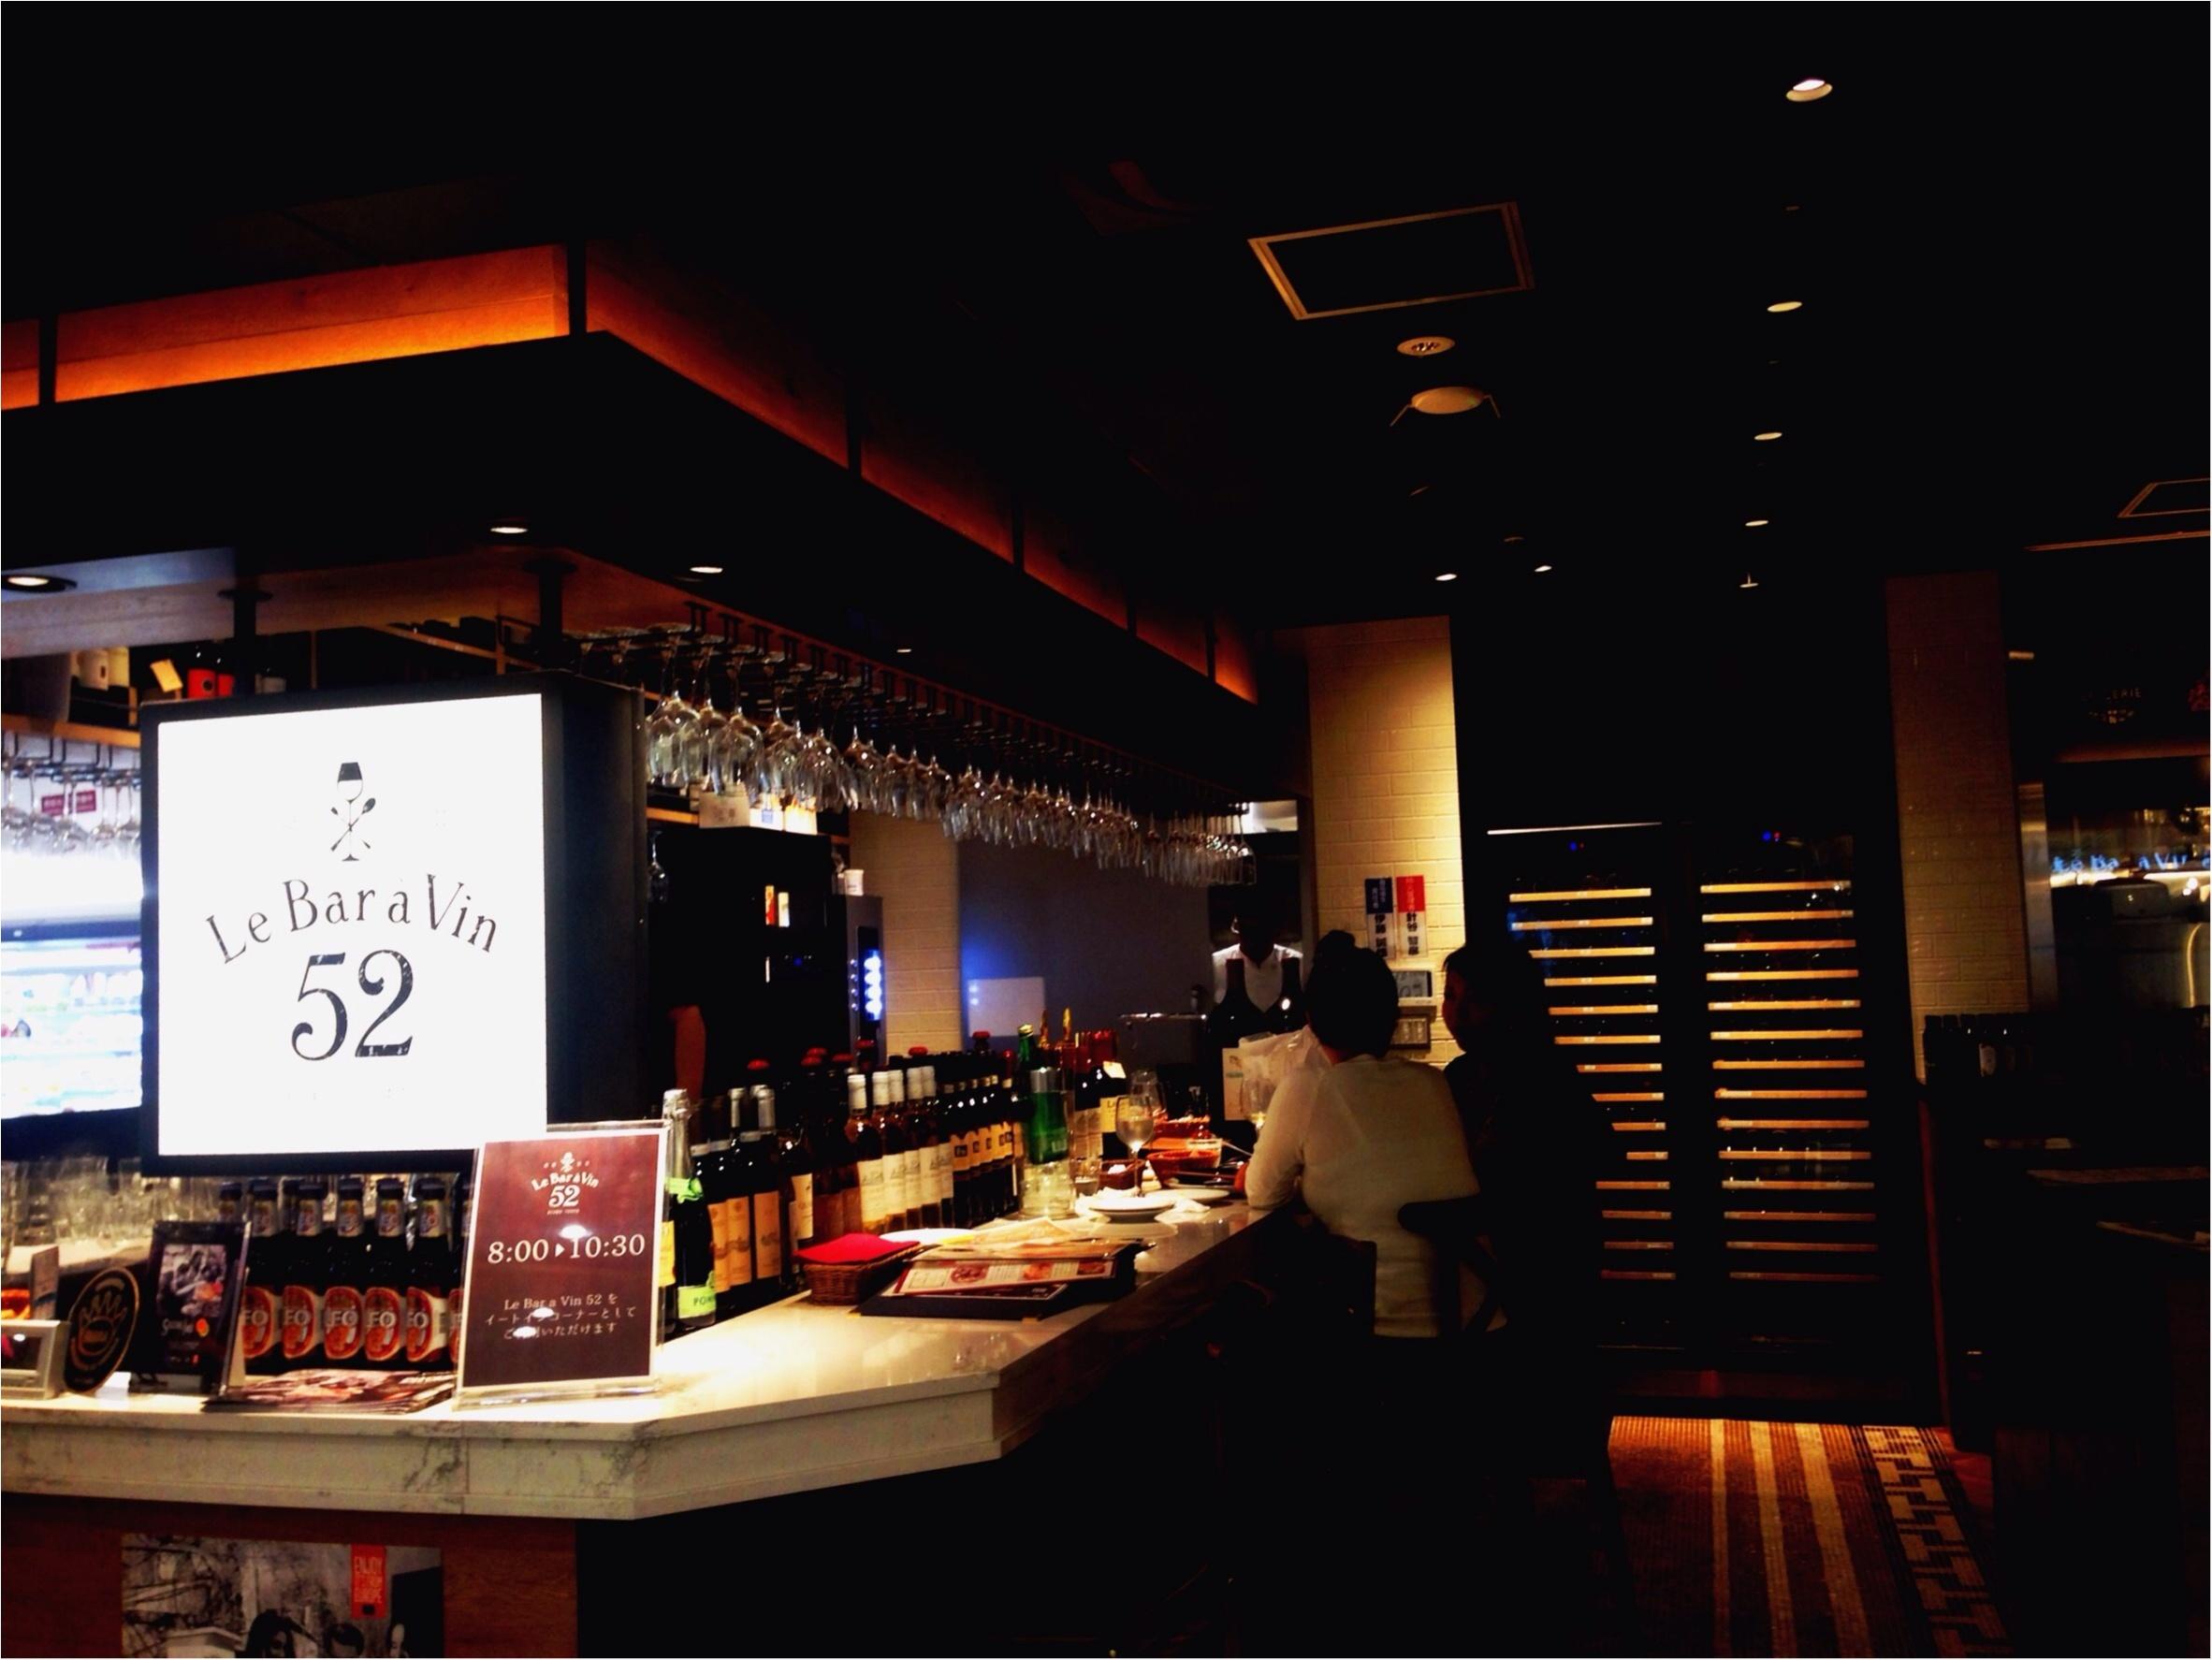 ホントは教えたくない❤️ダイエットに最適な外食店★【ロカボ】成城石井プロデュースのワインと料理が超絶おいしいお店_3